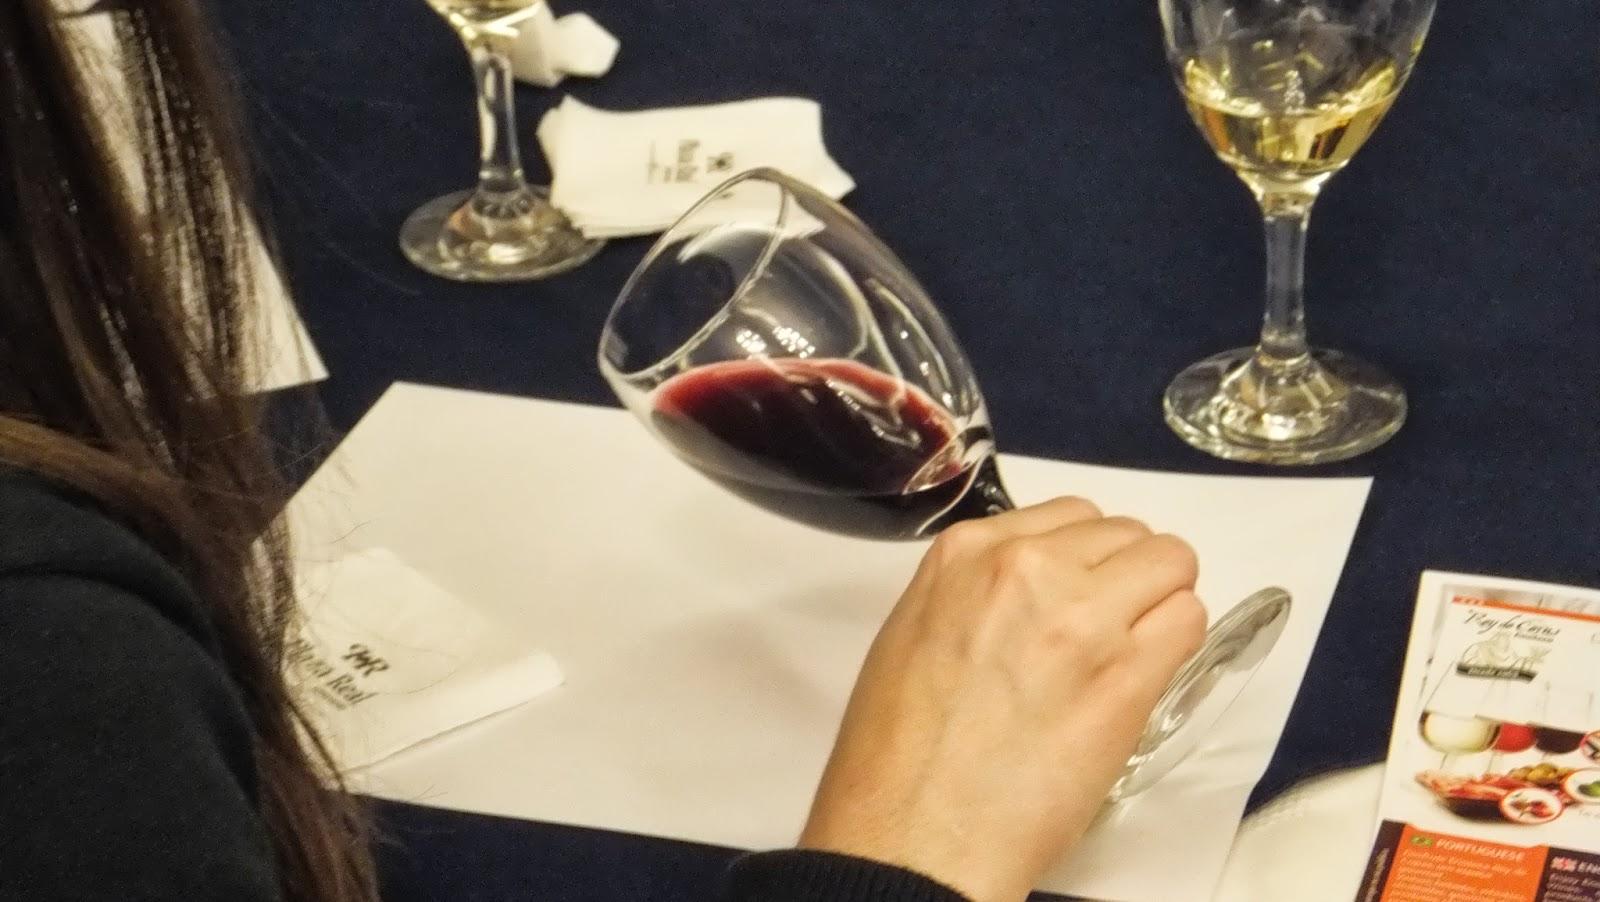 Cata de Vinos, Hotel Plaza Real, Rosario Gastronómica, Elisa N, Blog de Viajes, Lifestyle, Travel